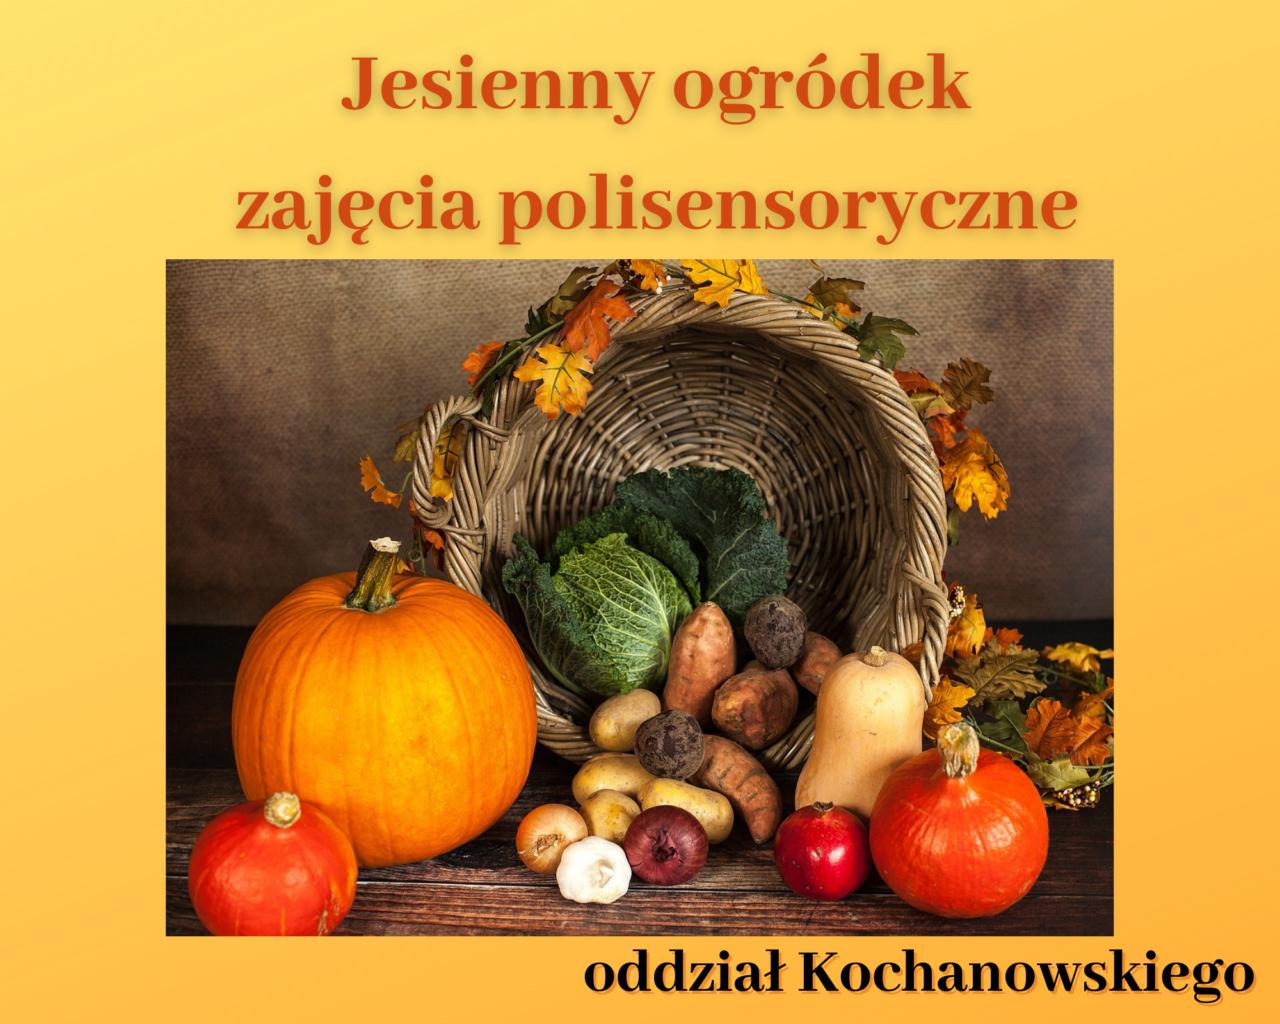 1. Jesienny ogródek zajęcia polisensoryczne